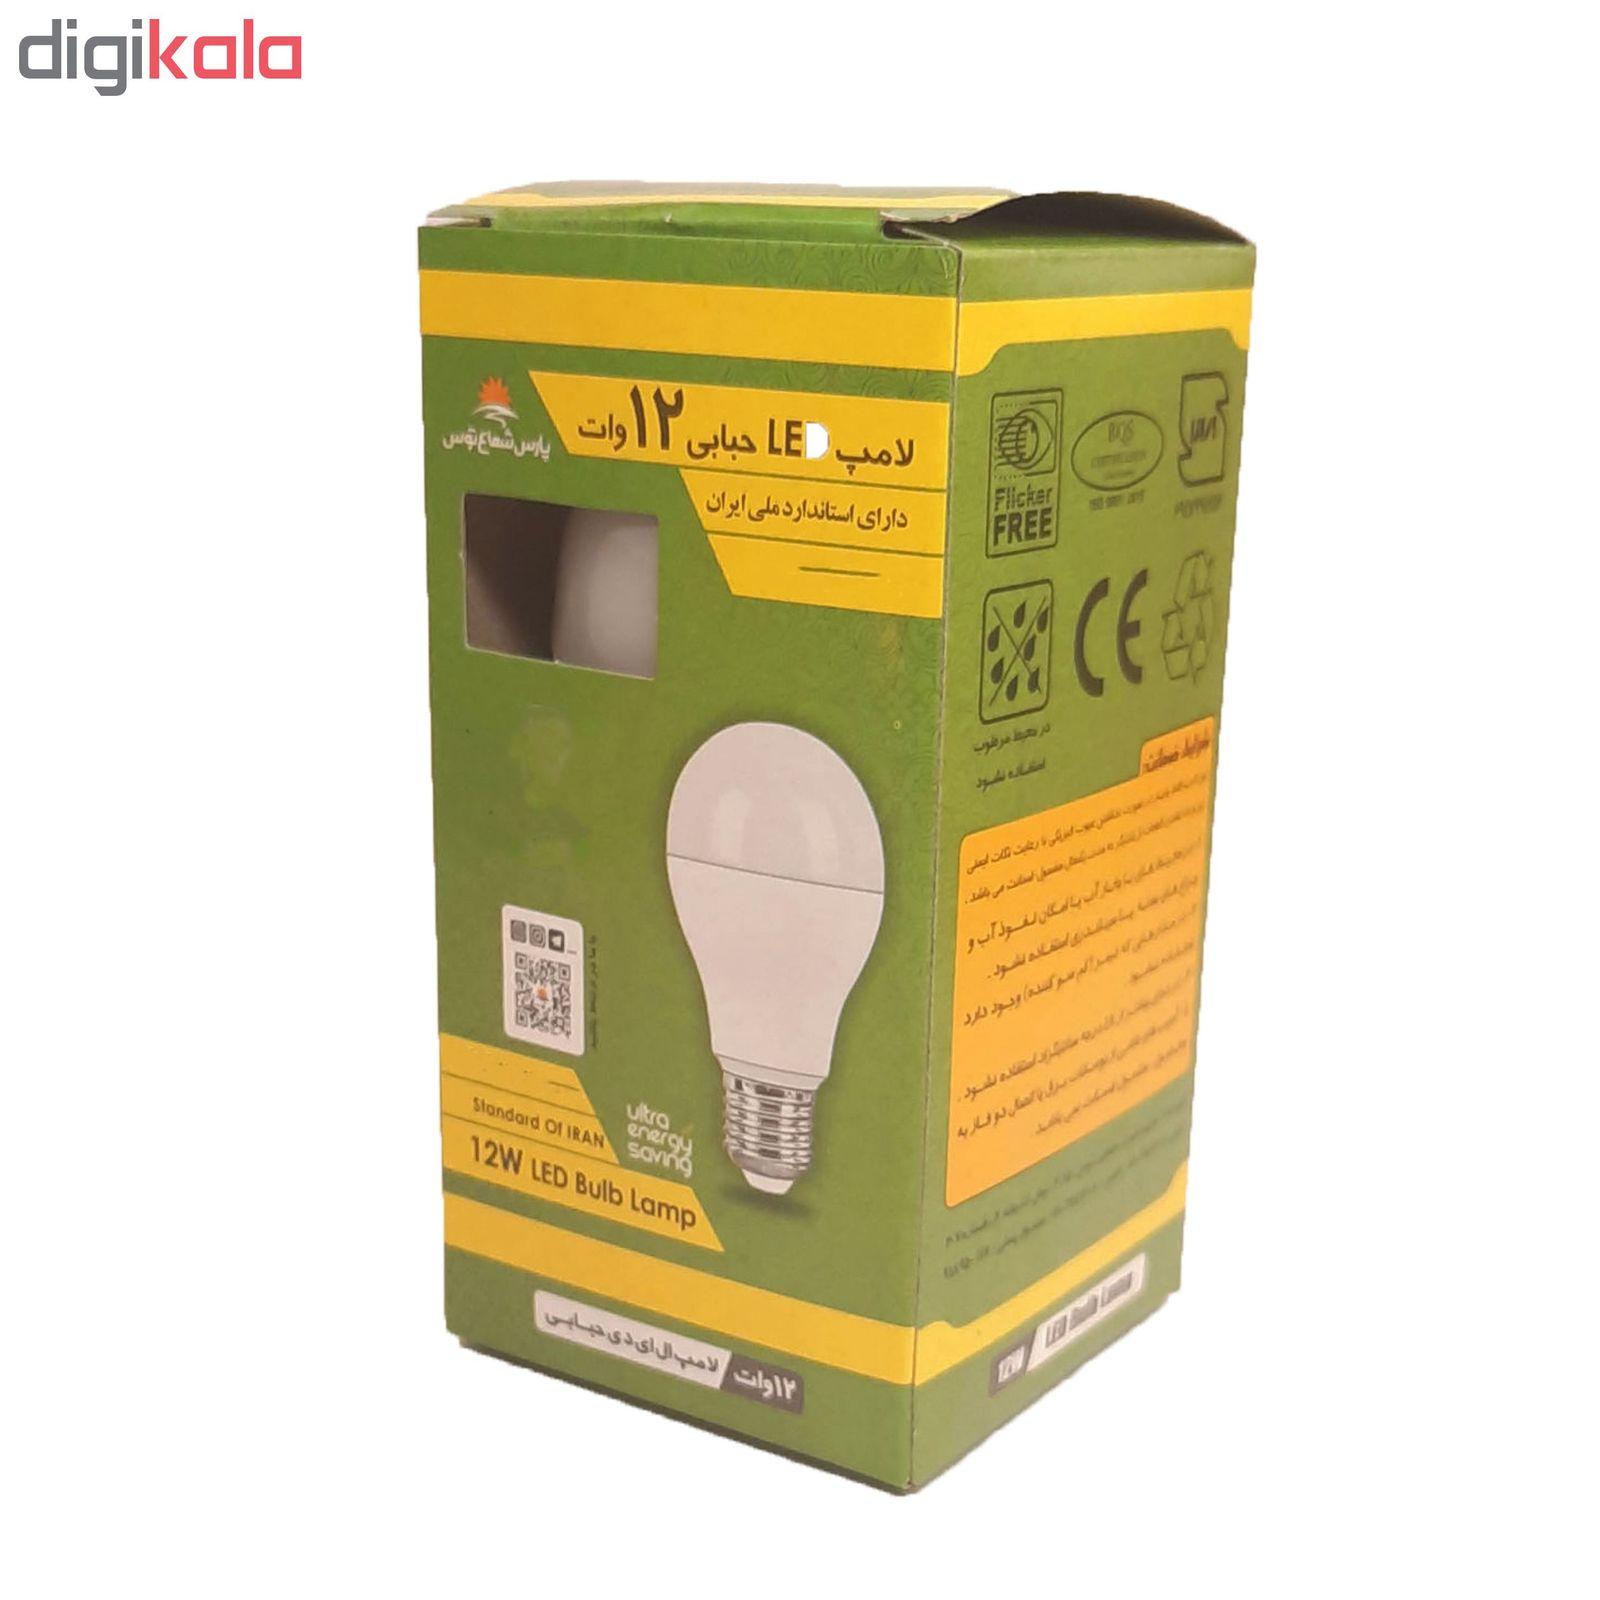 لامپ ال ای دی 12 وات پارس شعاع توس پایه E27 main 1 4